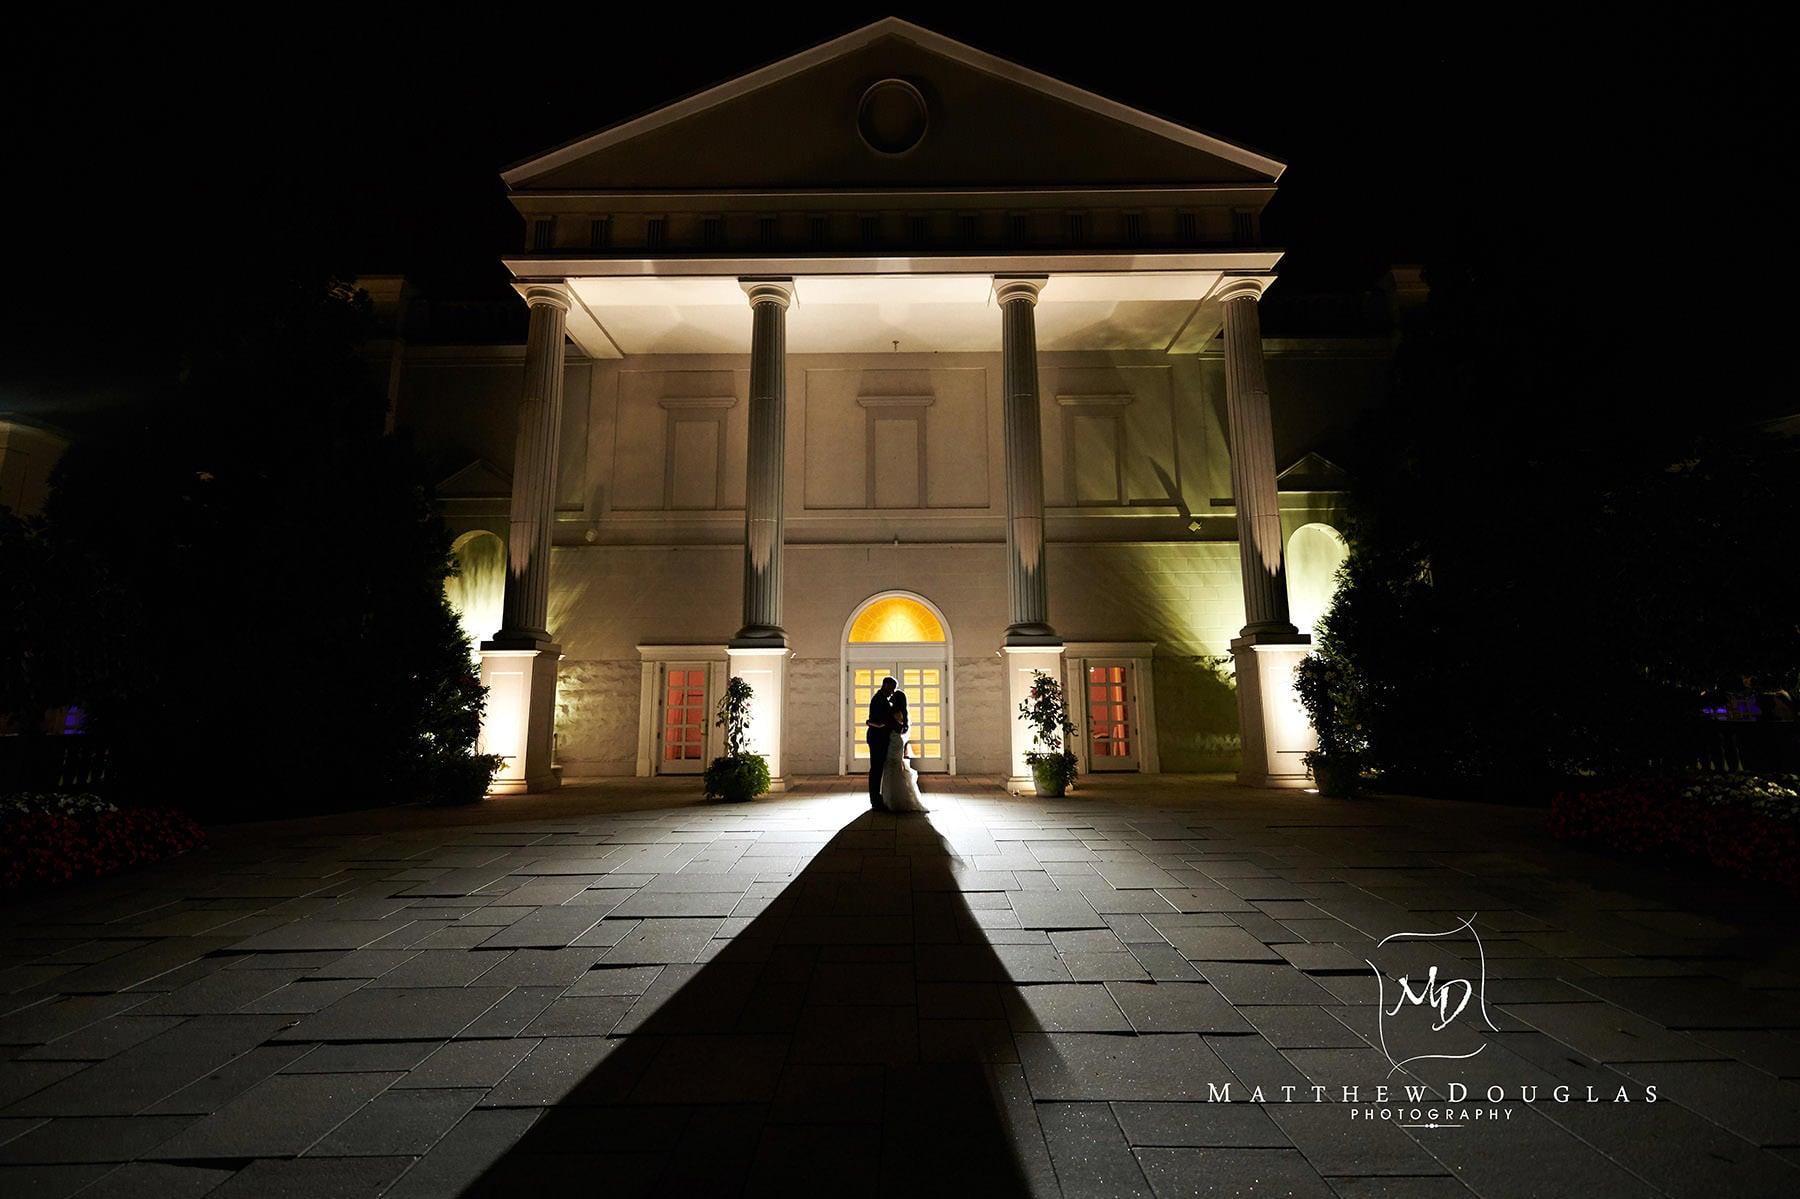 the palace at somerset park at night